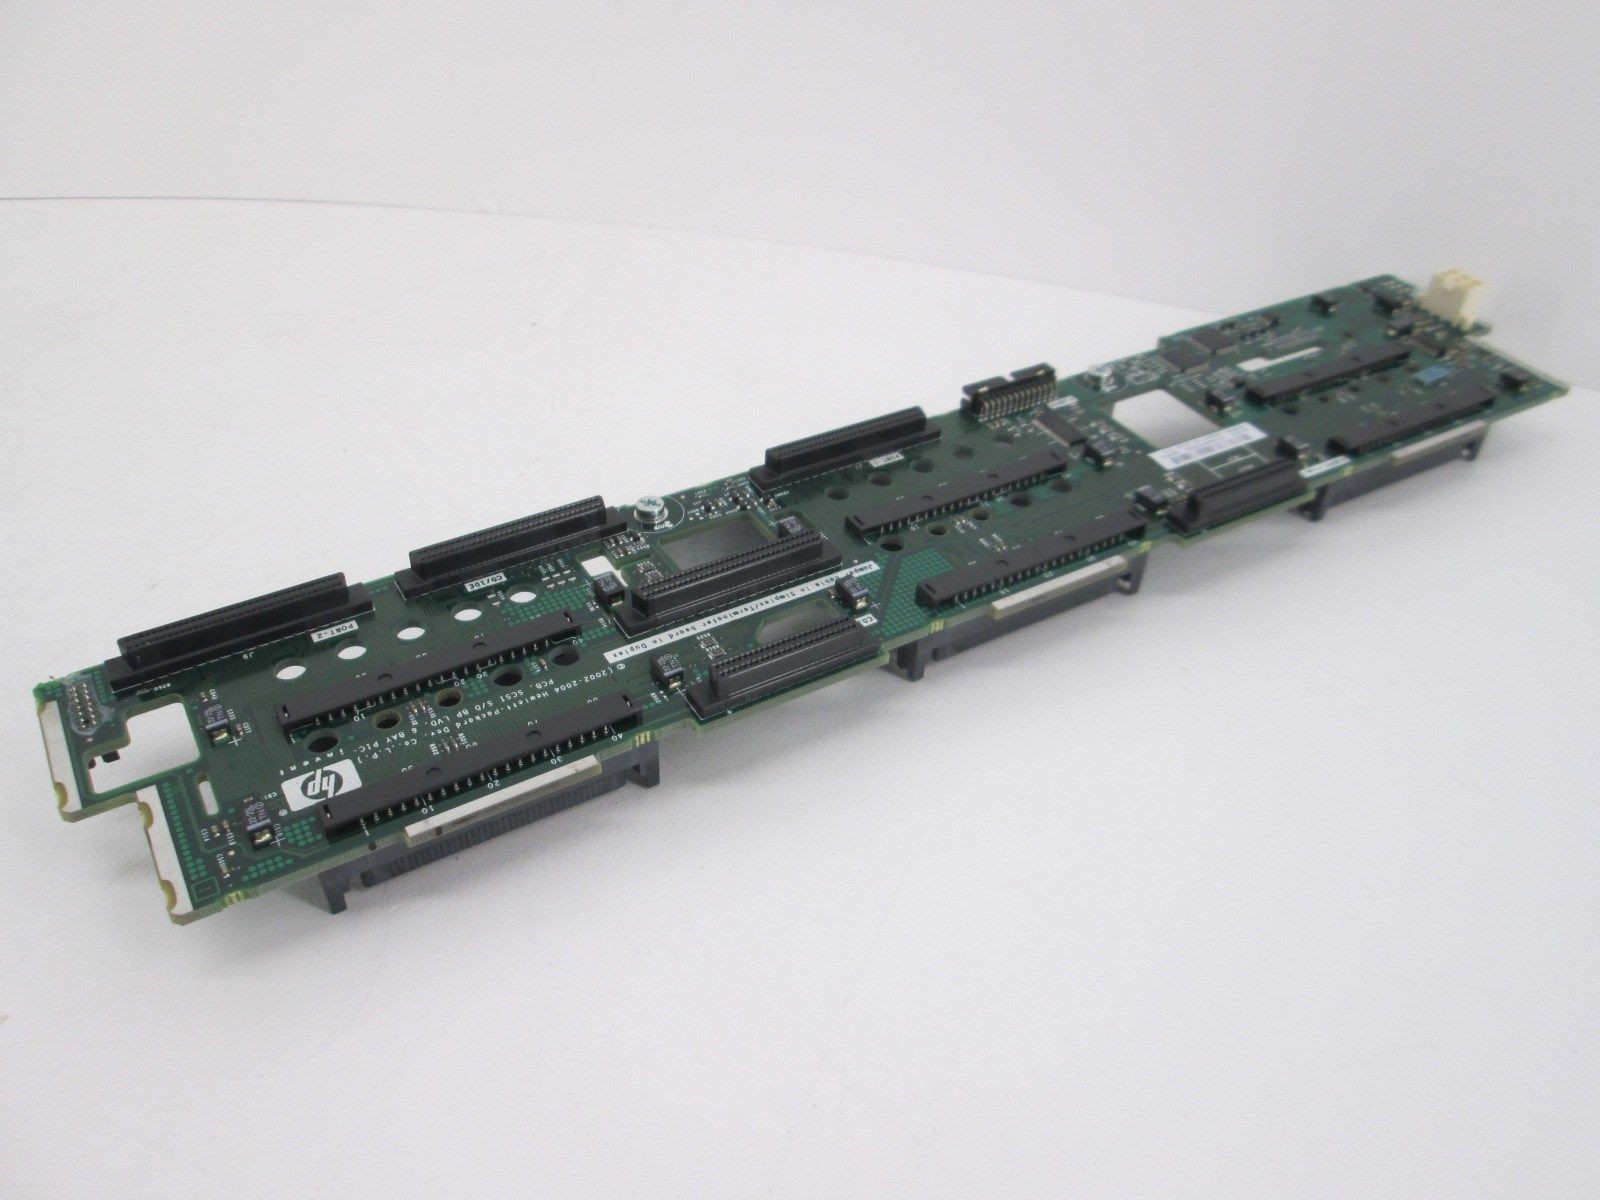 HP Proliant DL380 G4 Server 6-Slot SCSI Disc Backplane 411023-001